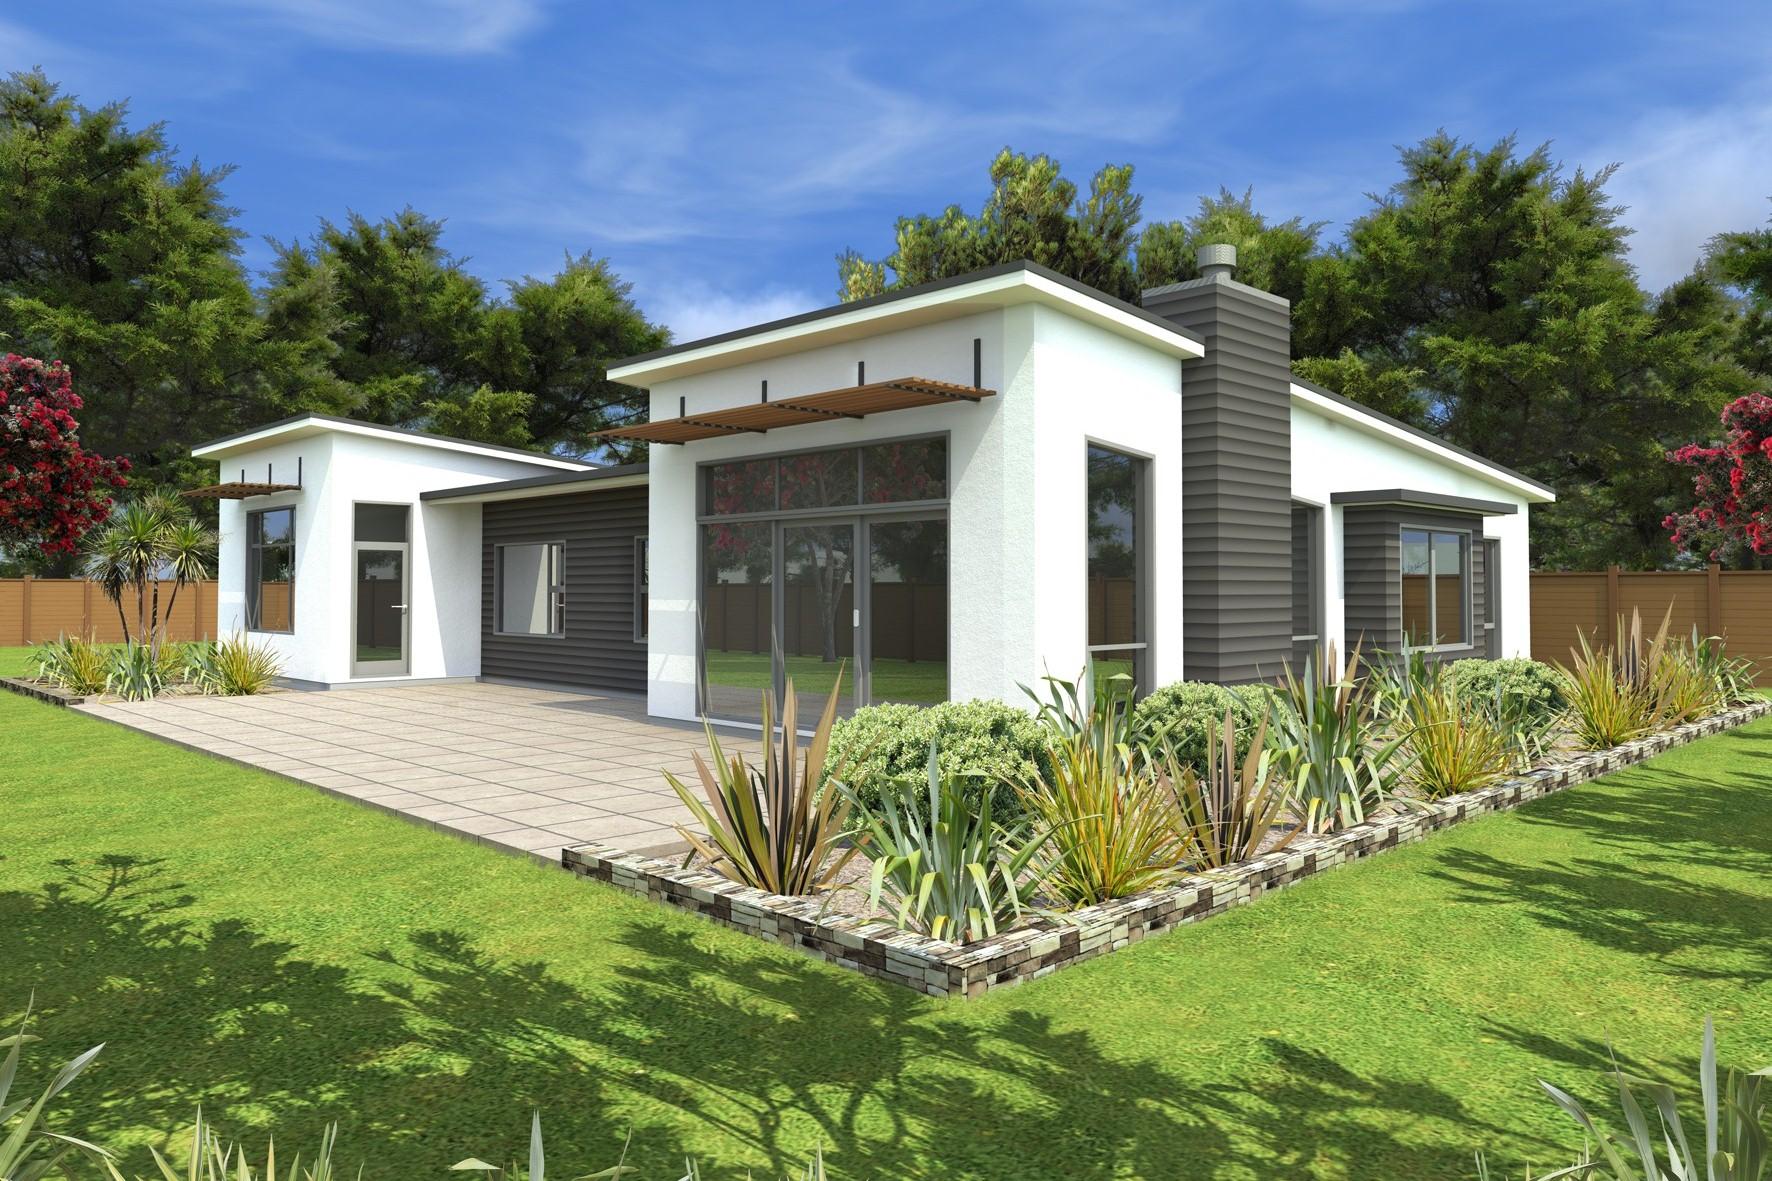 David reid homes floor plans for Luxury home design nz